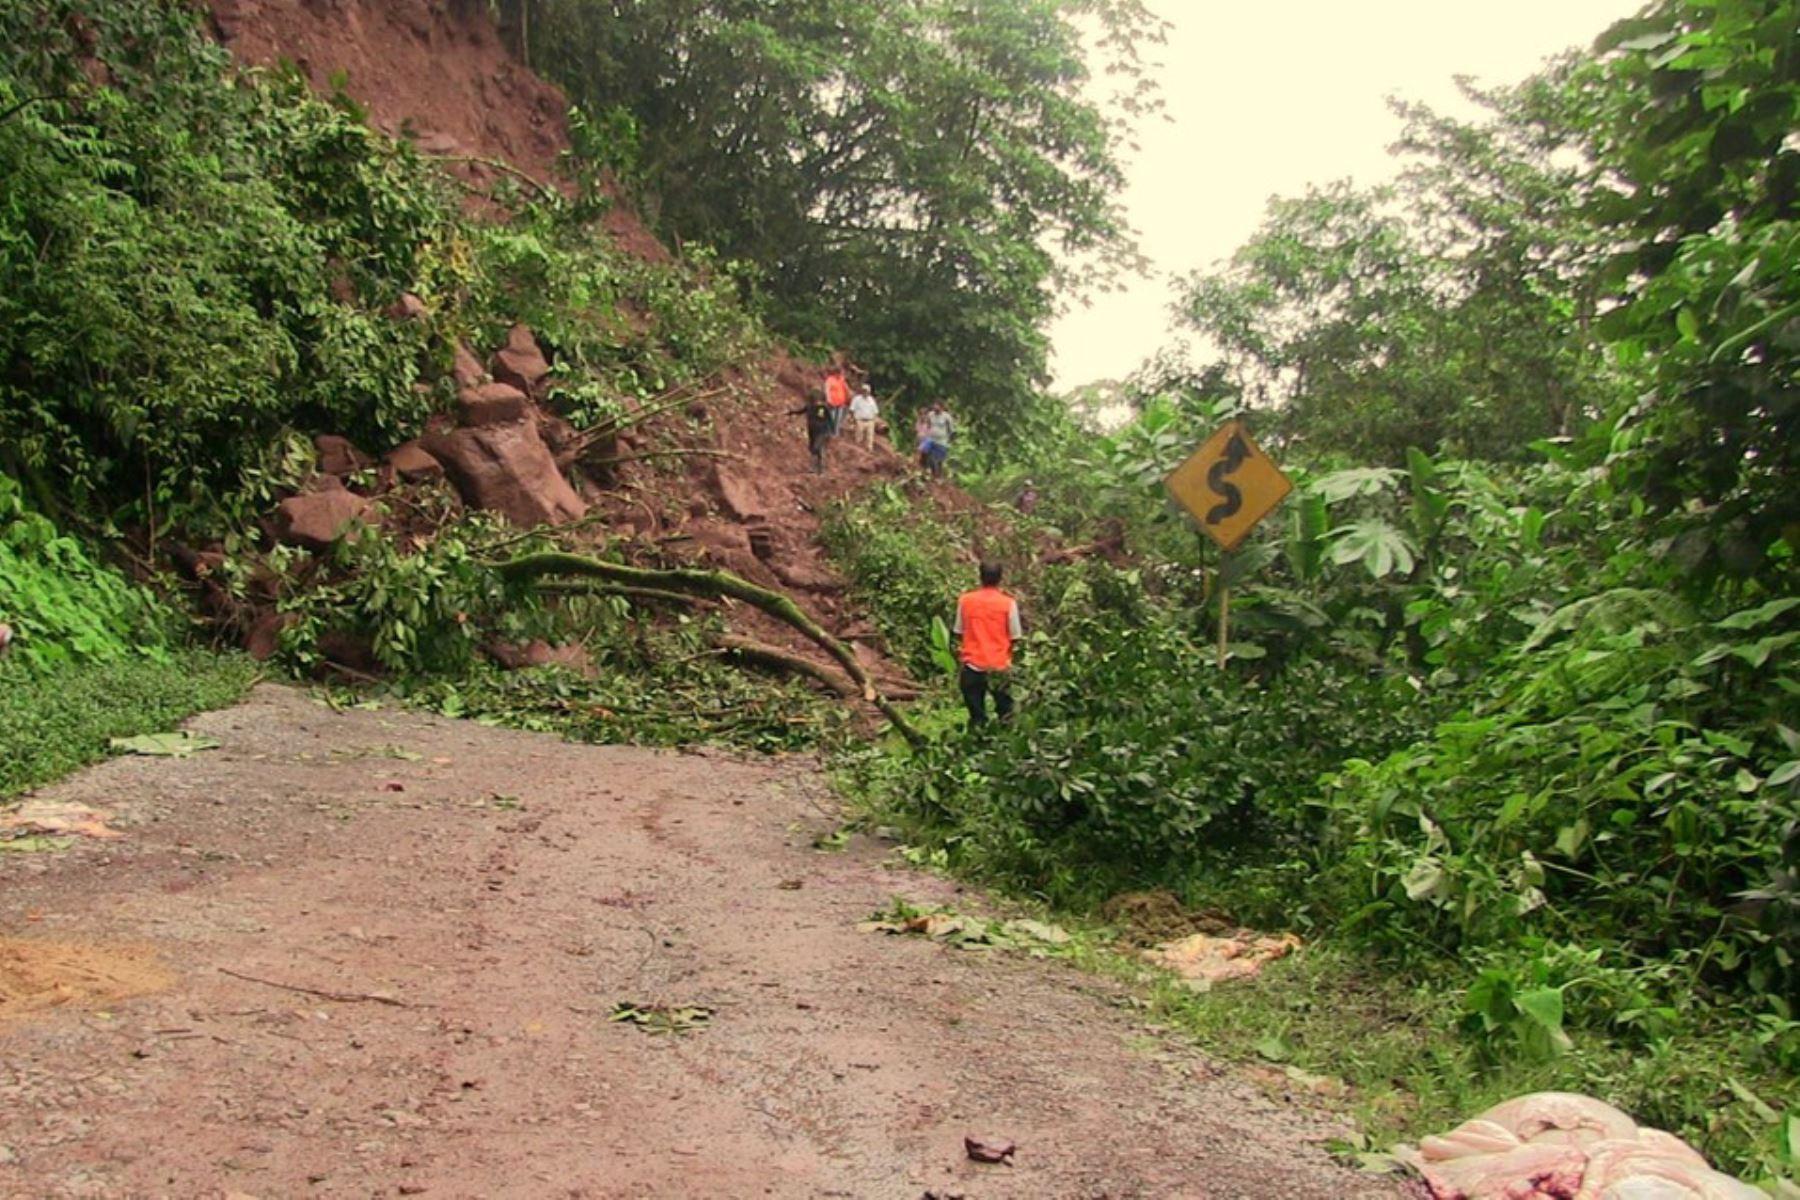 Huaicos provocados por lluvias intensas en la región Pasco bloquean carretera Pasco-Pucallpa. ANDINA